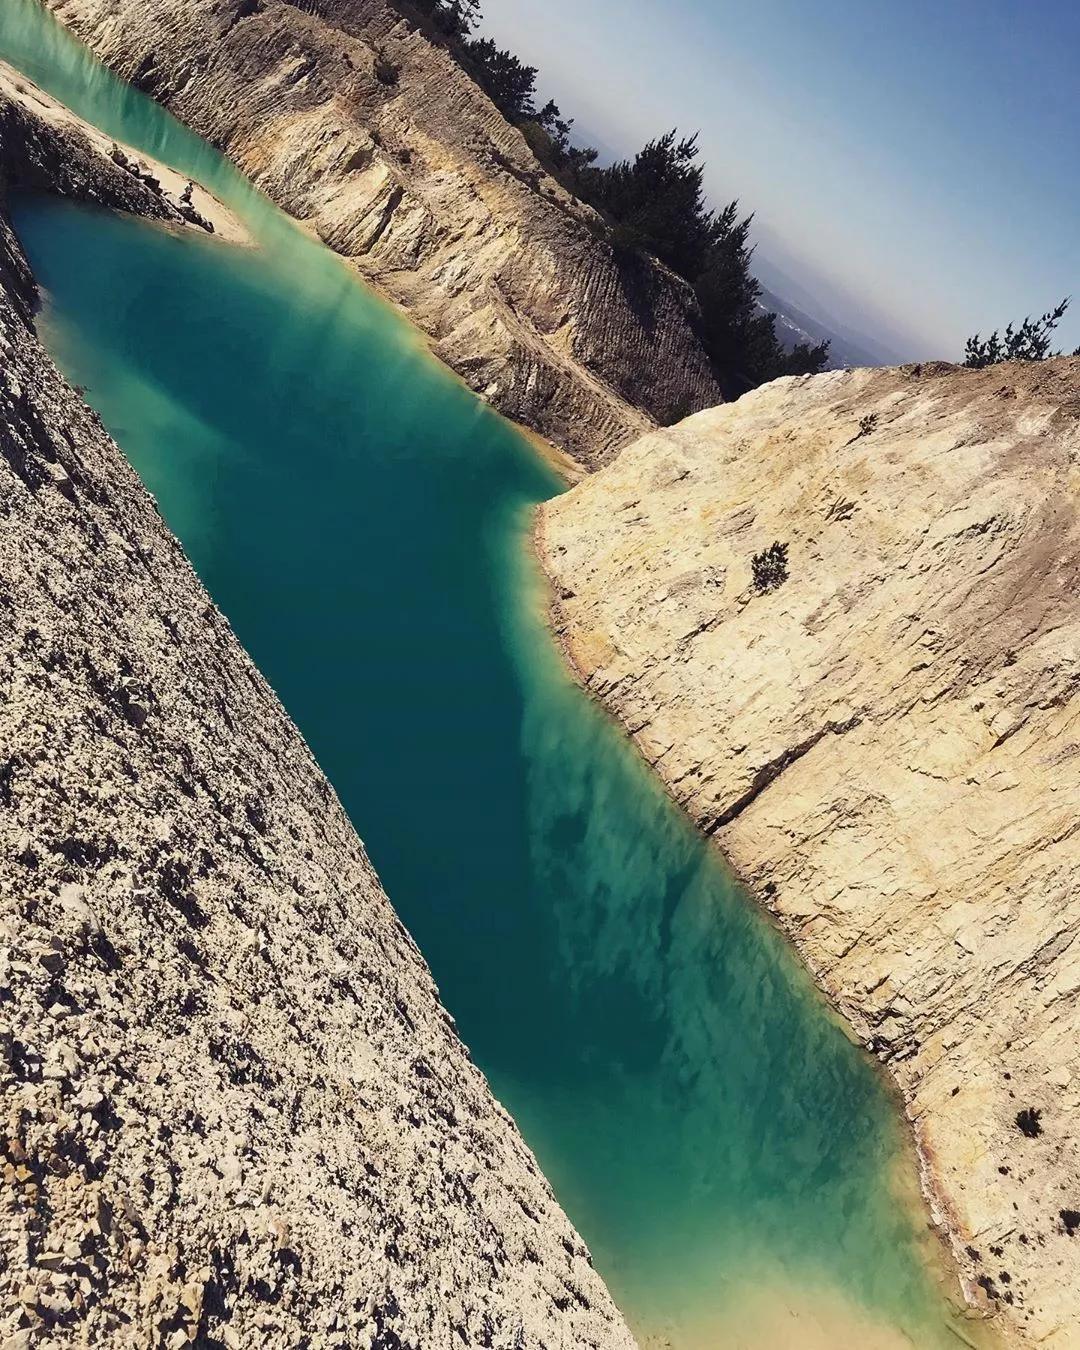 在毒湖里洗澡,为出名被毒到脱水,又一届INS网红开始作死了